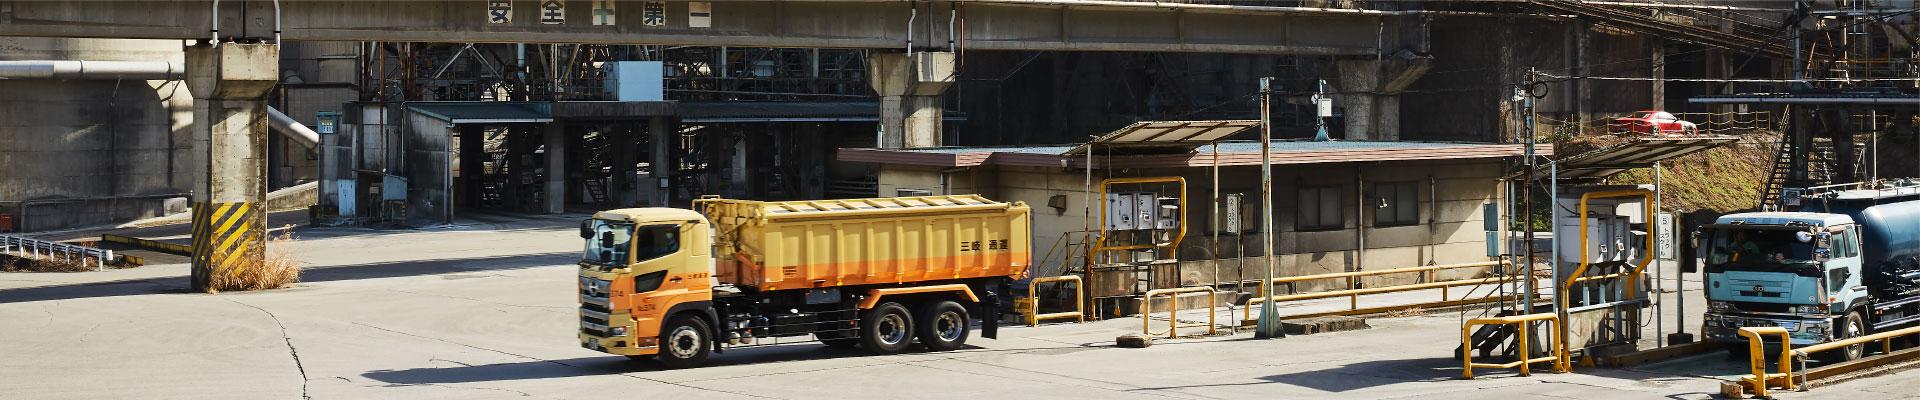 環境資源事業部のメイン画像